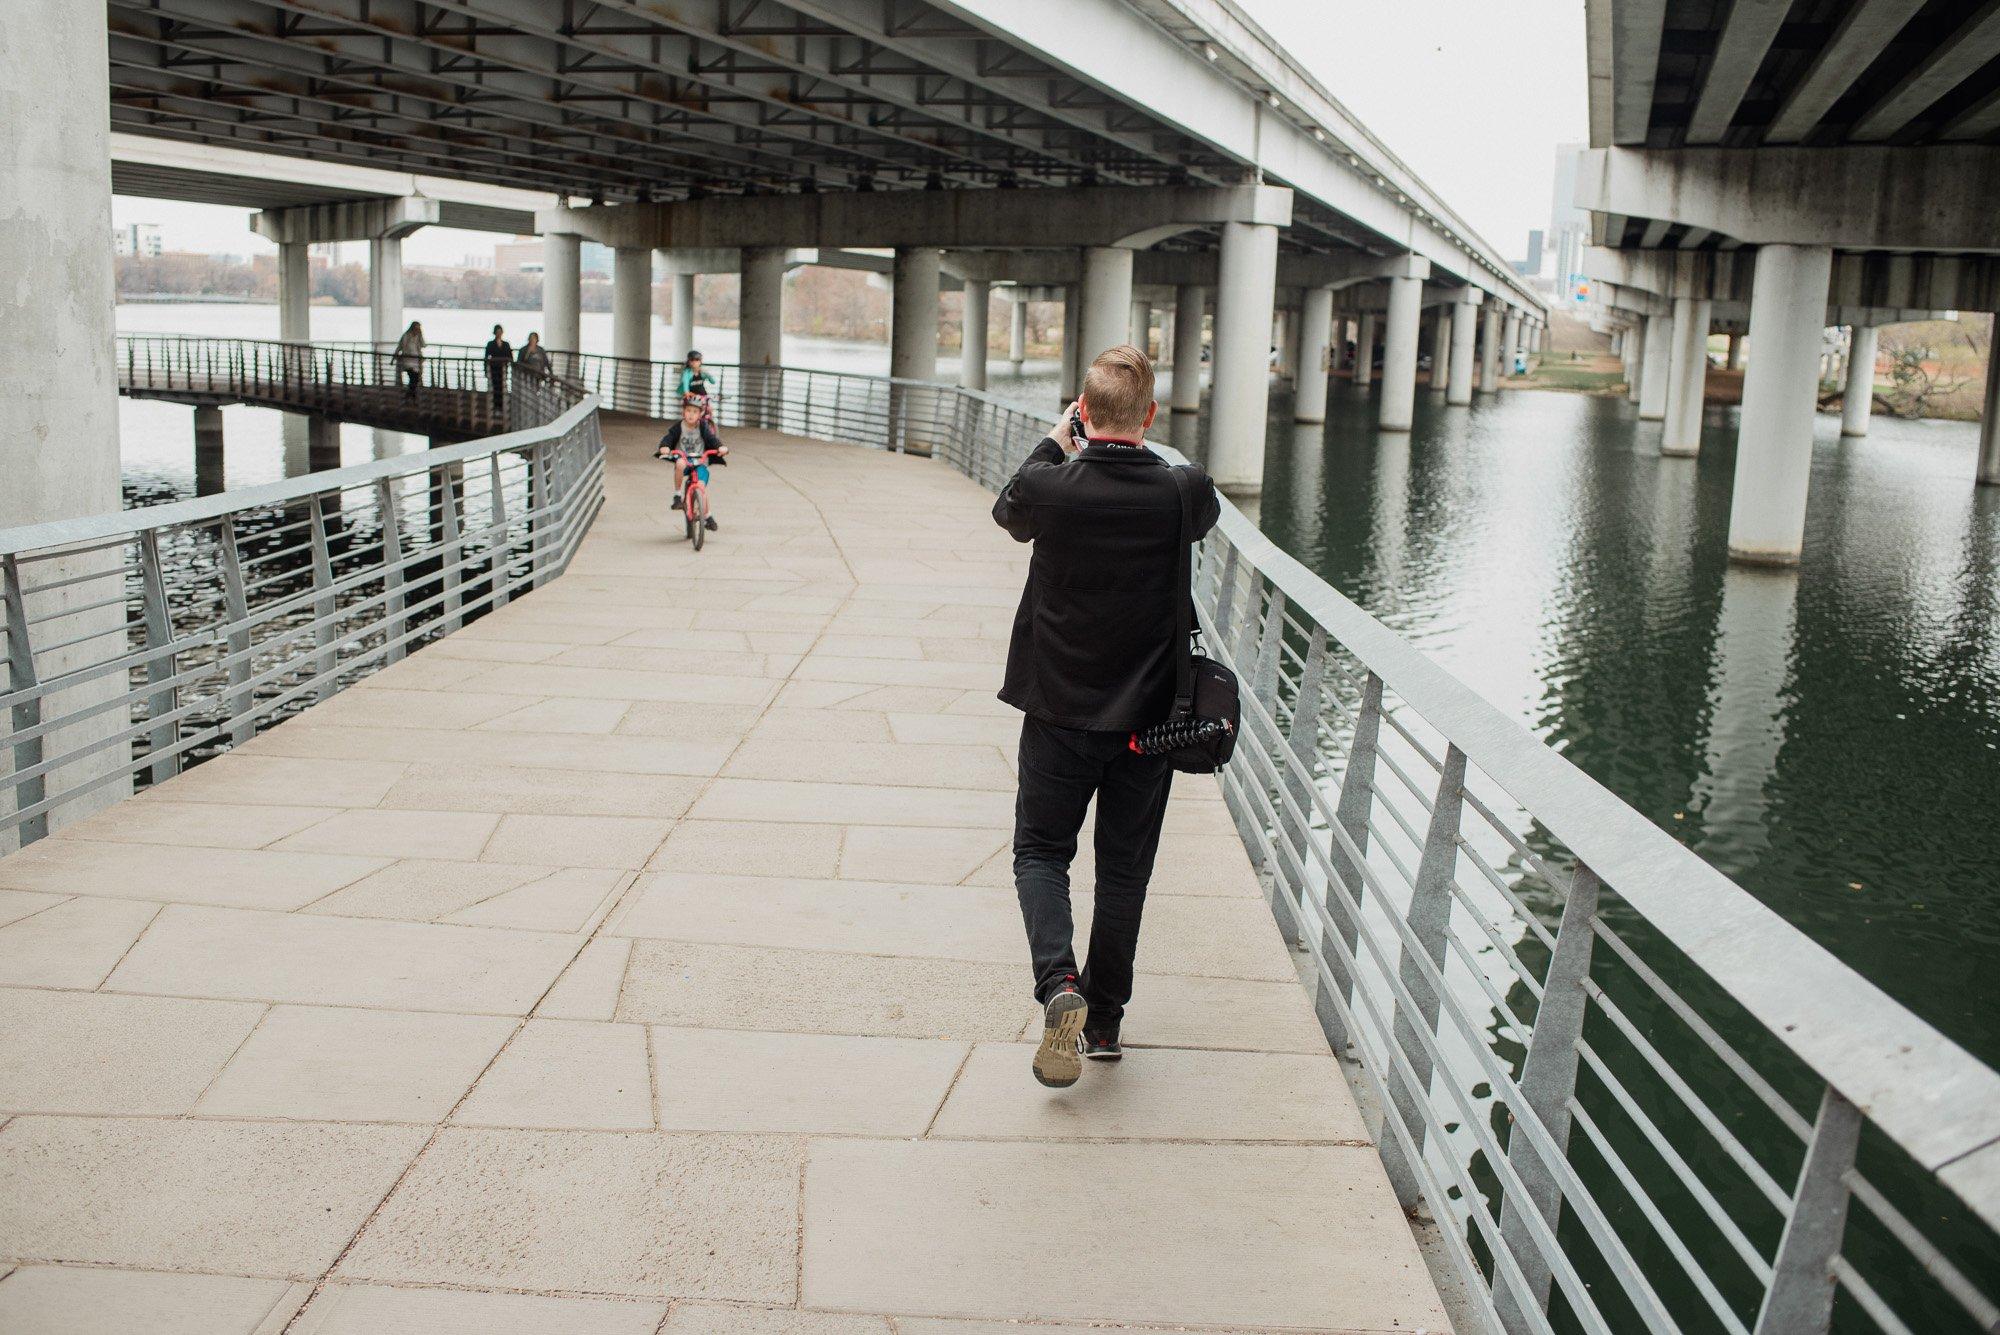 town lake boardwalk proposal ideas